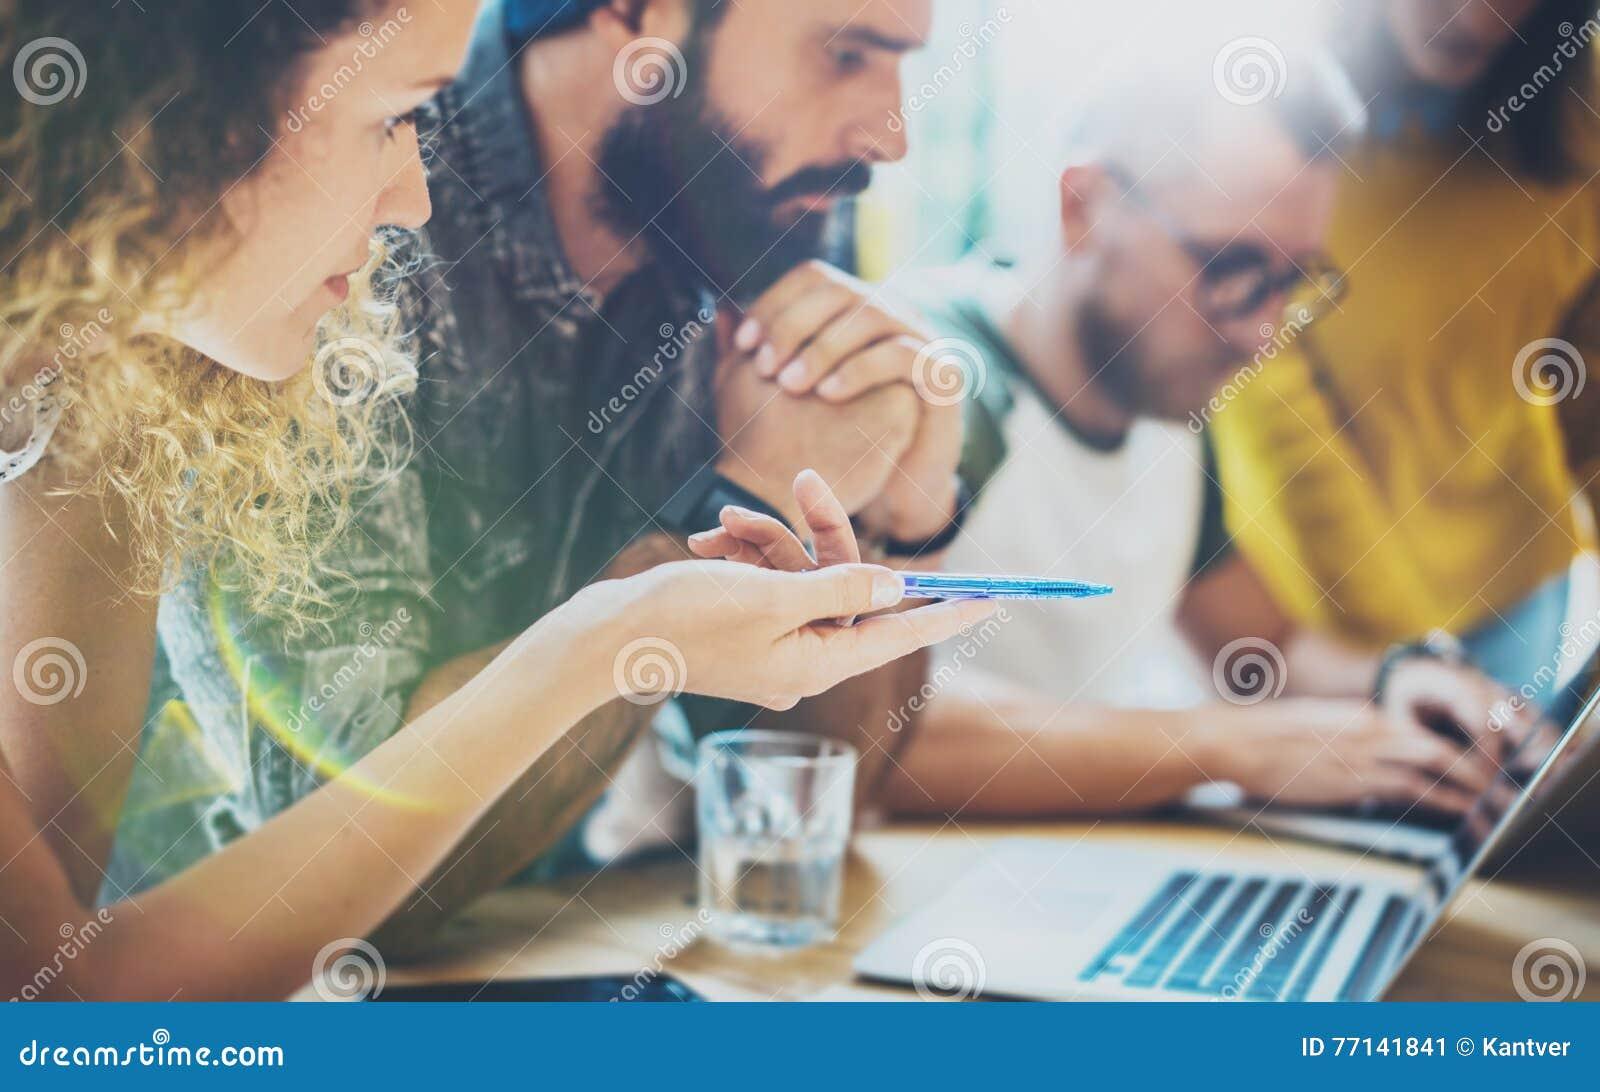 Samlade moderna vänner för Closeupgrupp diskutera tillsammans idérikt projekt Ungt möte för Coworkersaffärskläckning av ideer